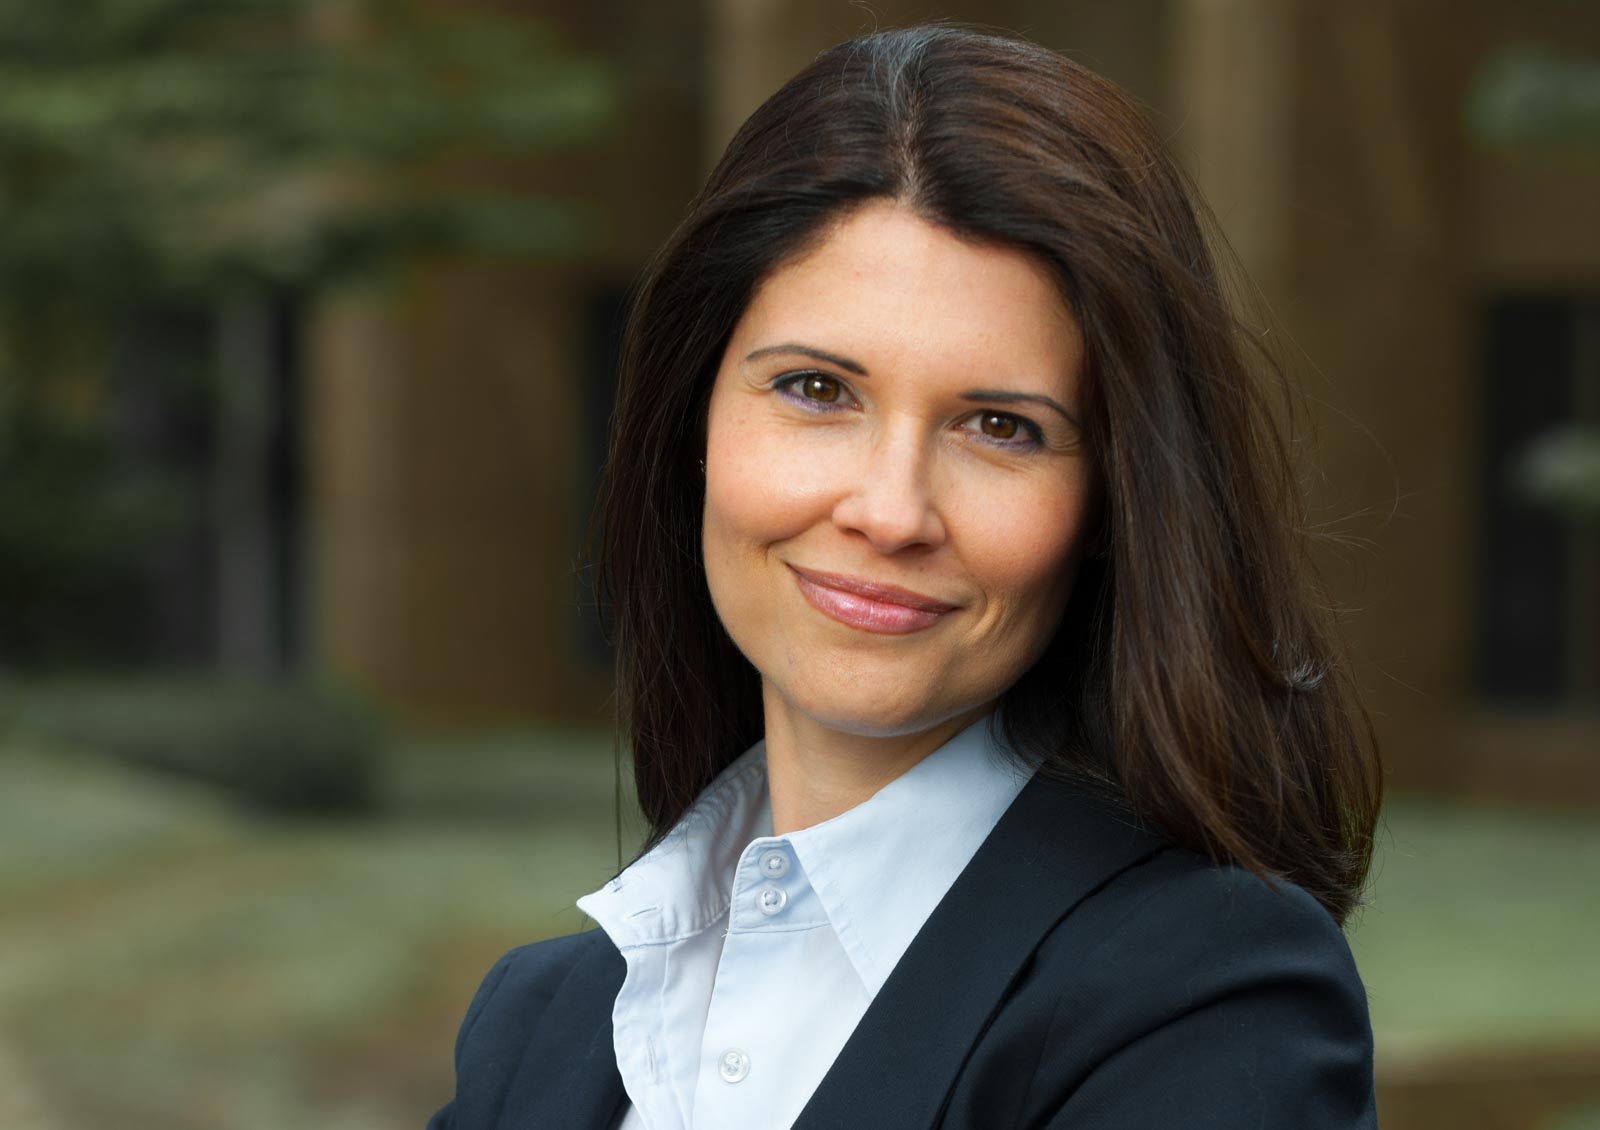 Katja-Ravenstein-Yaph-Business-Portrait-10